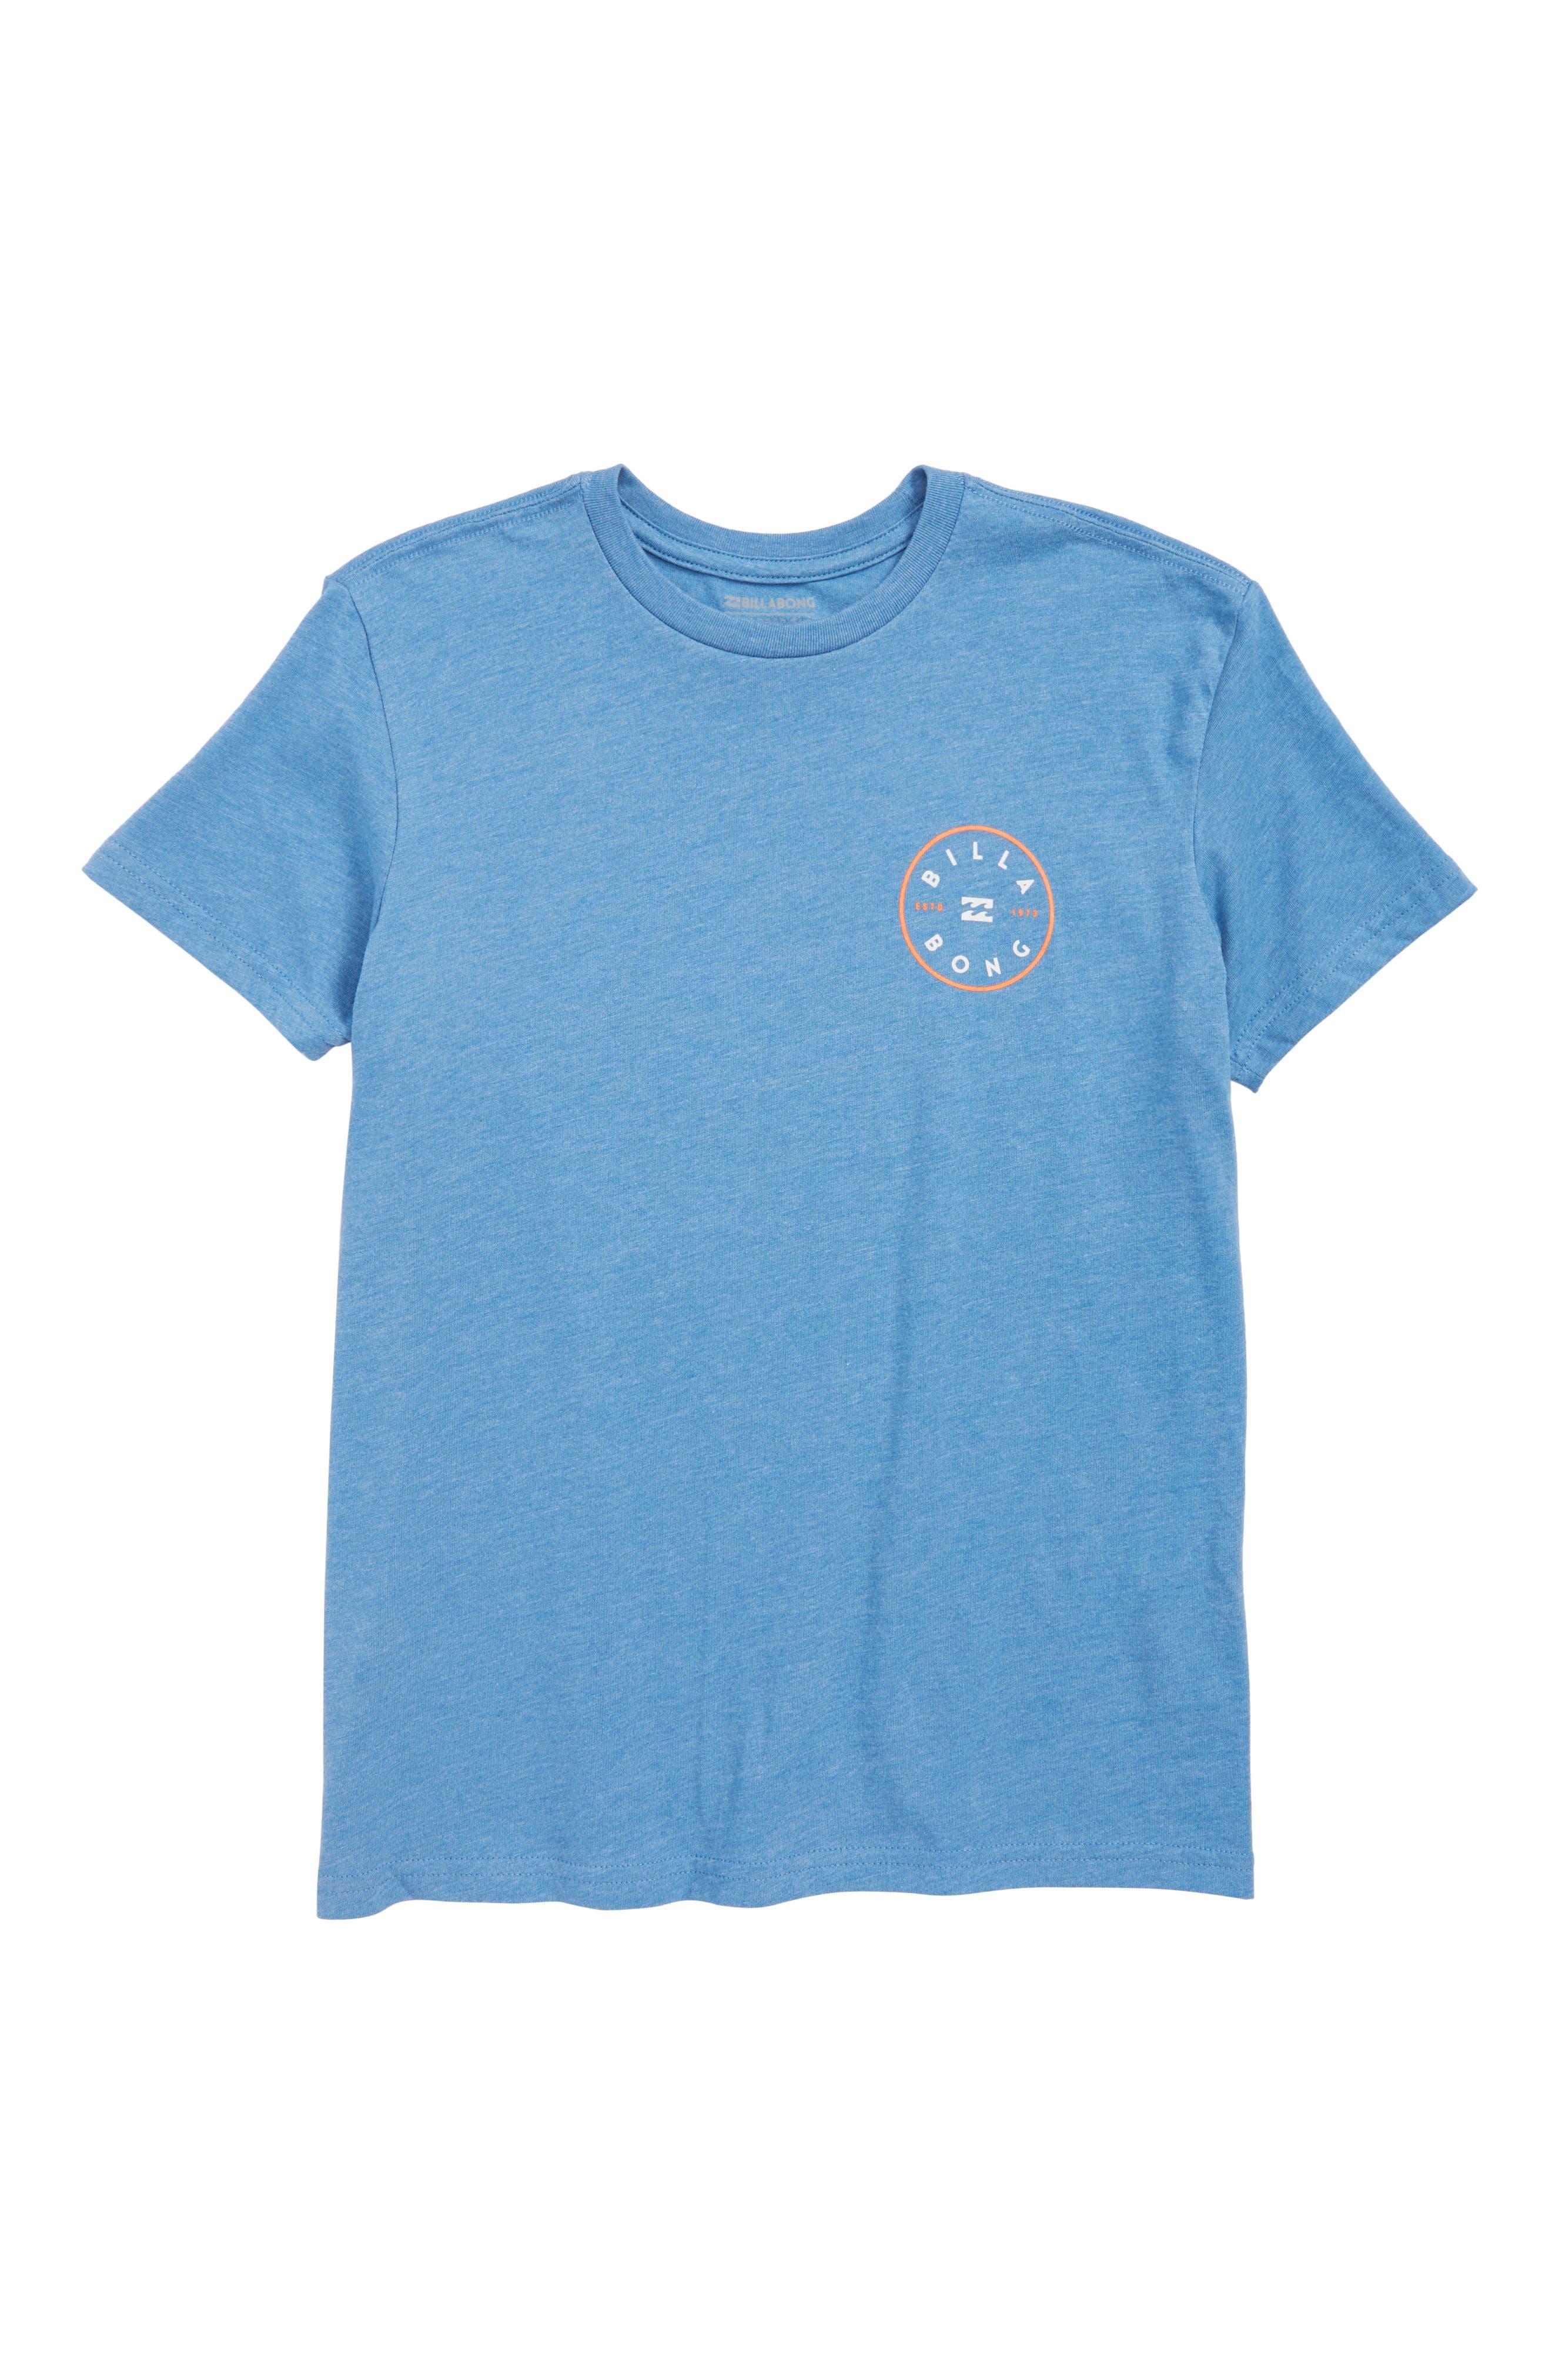 Rotor T-Shirt,                         Main,                         color, 400